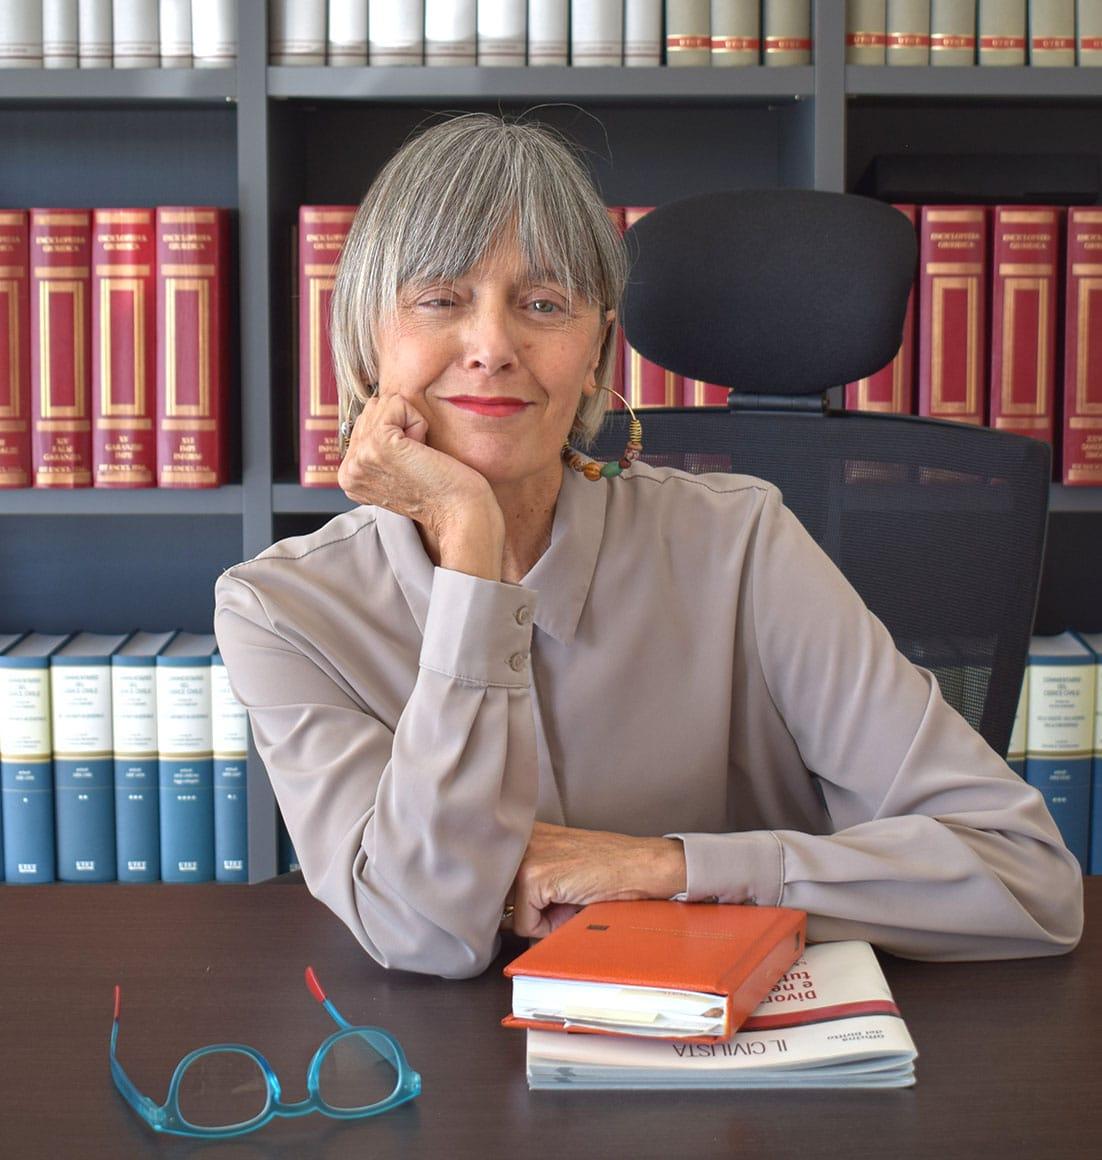 Avvocato Sandra Maria Stevan Bassano del Grappa Vicenza